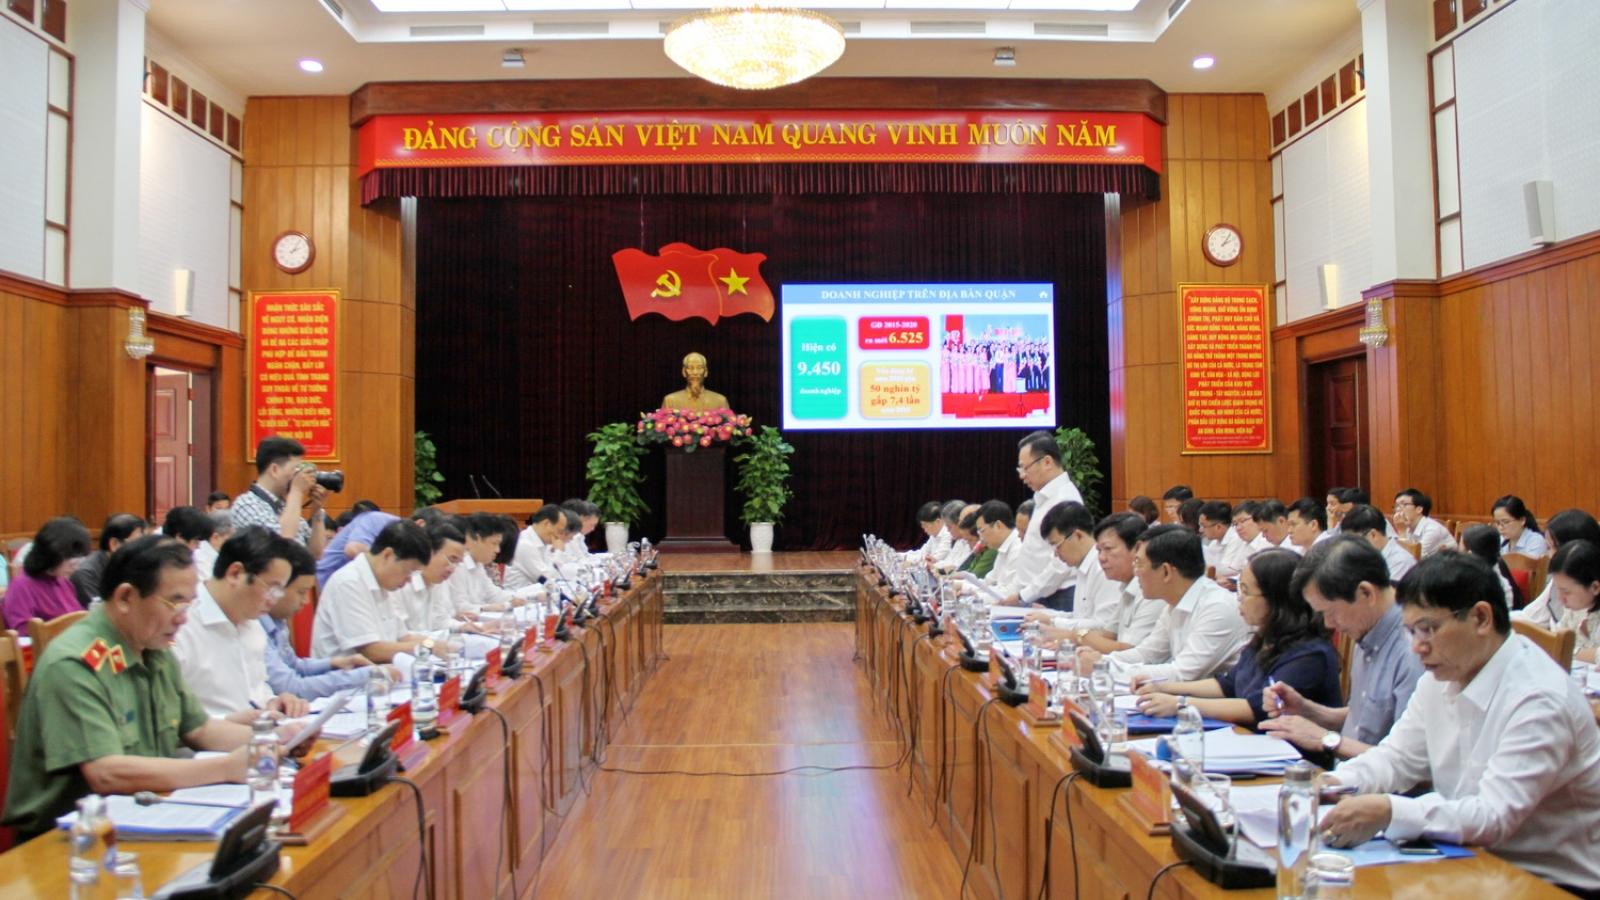 Đà Nẵng tập trung xây dựng Hải Châu thành quận văn minh, hiện đại